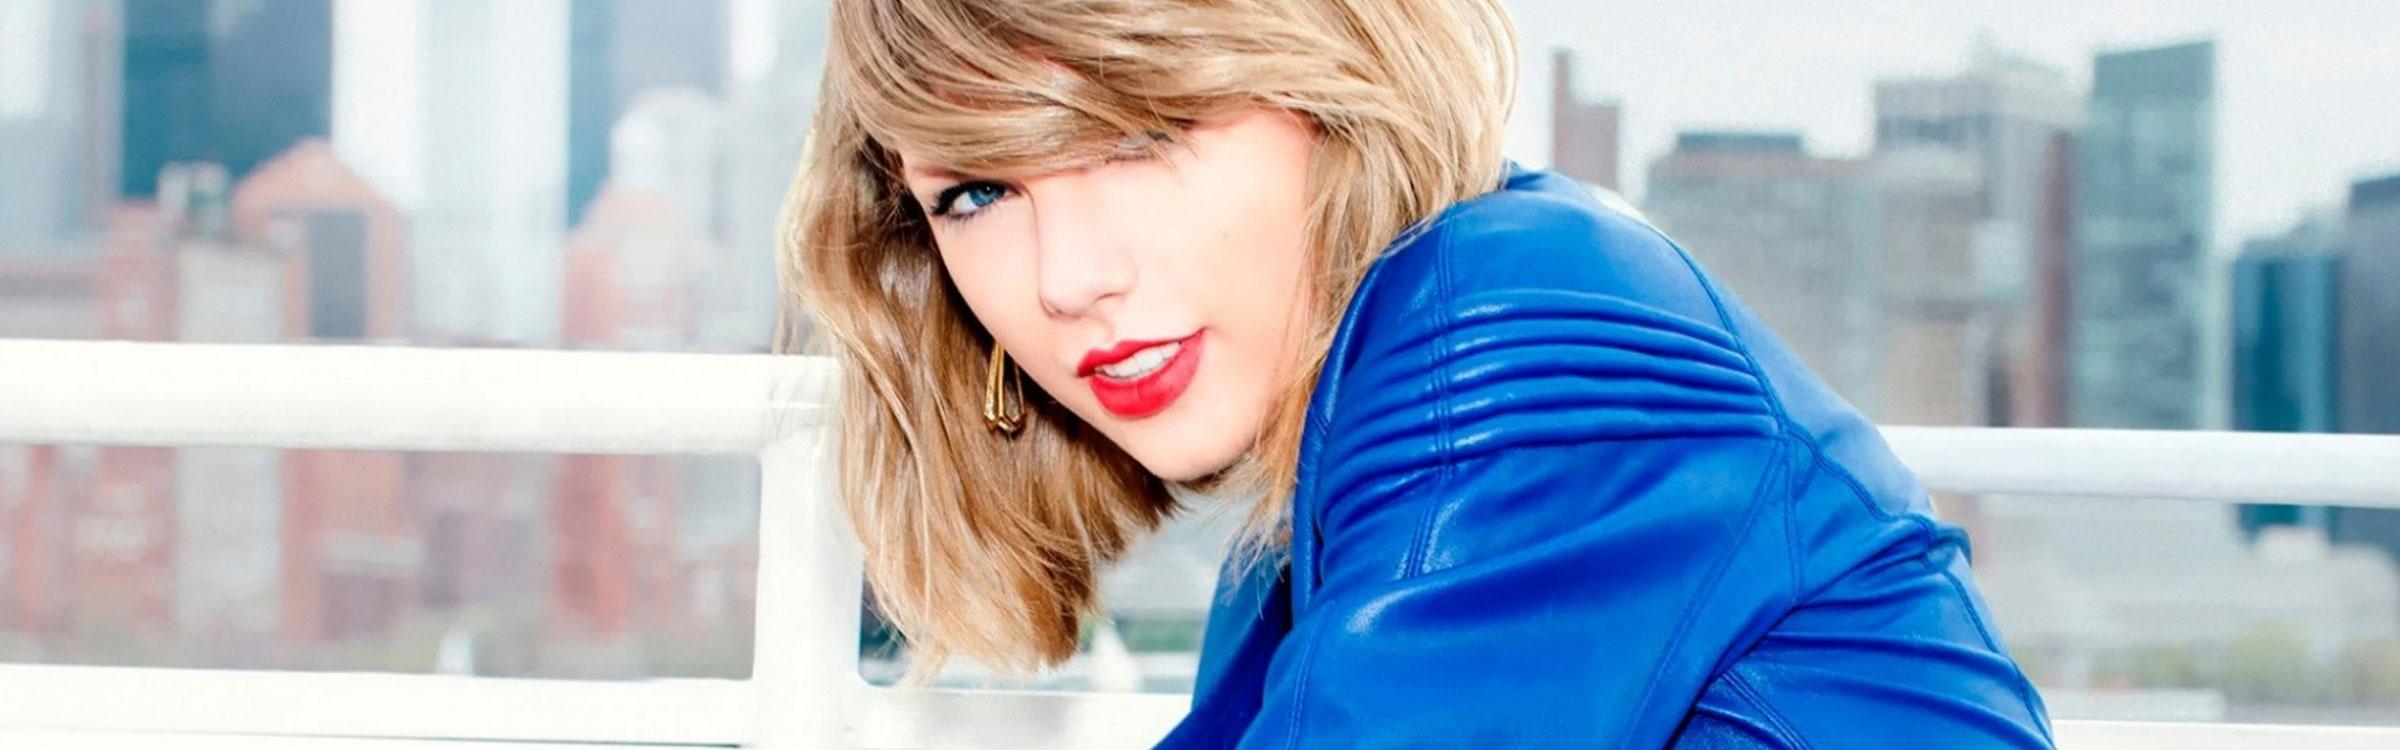 Taylor rich header